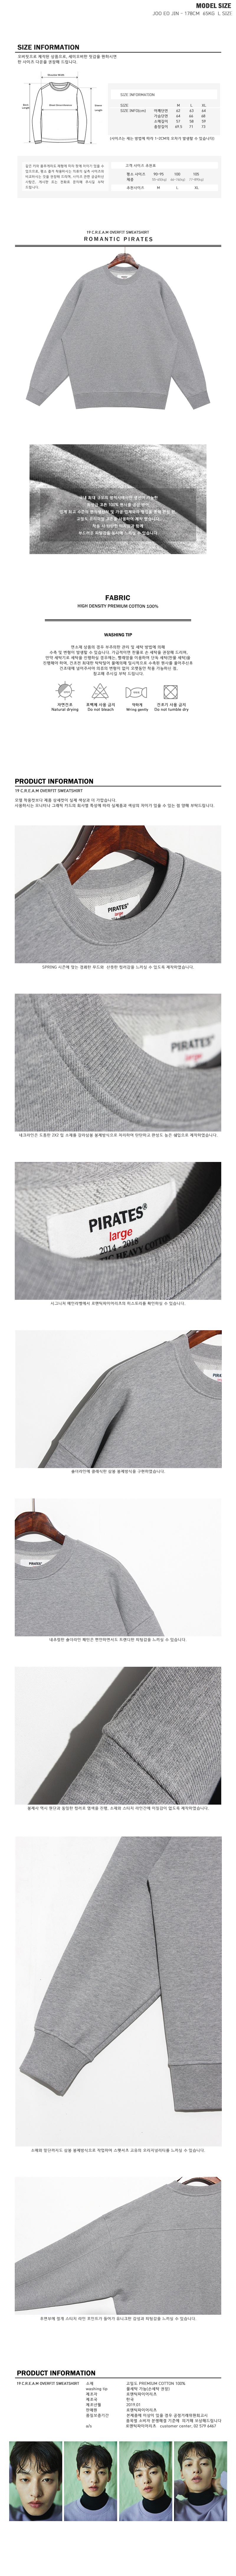 로맨틱 파이어리츠(ROMANTICPIRATES) C.r.e.a.m Overfit Sweatshirt (Gray)